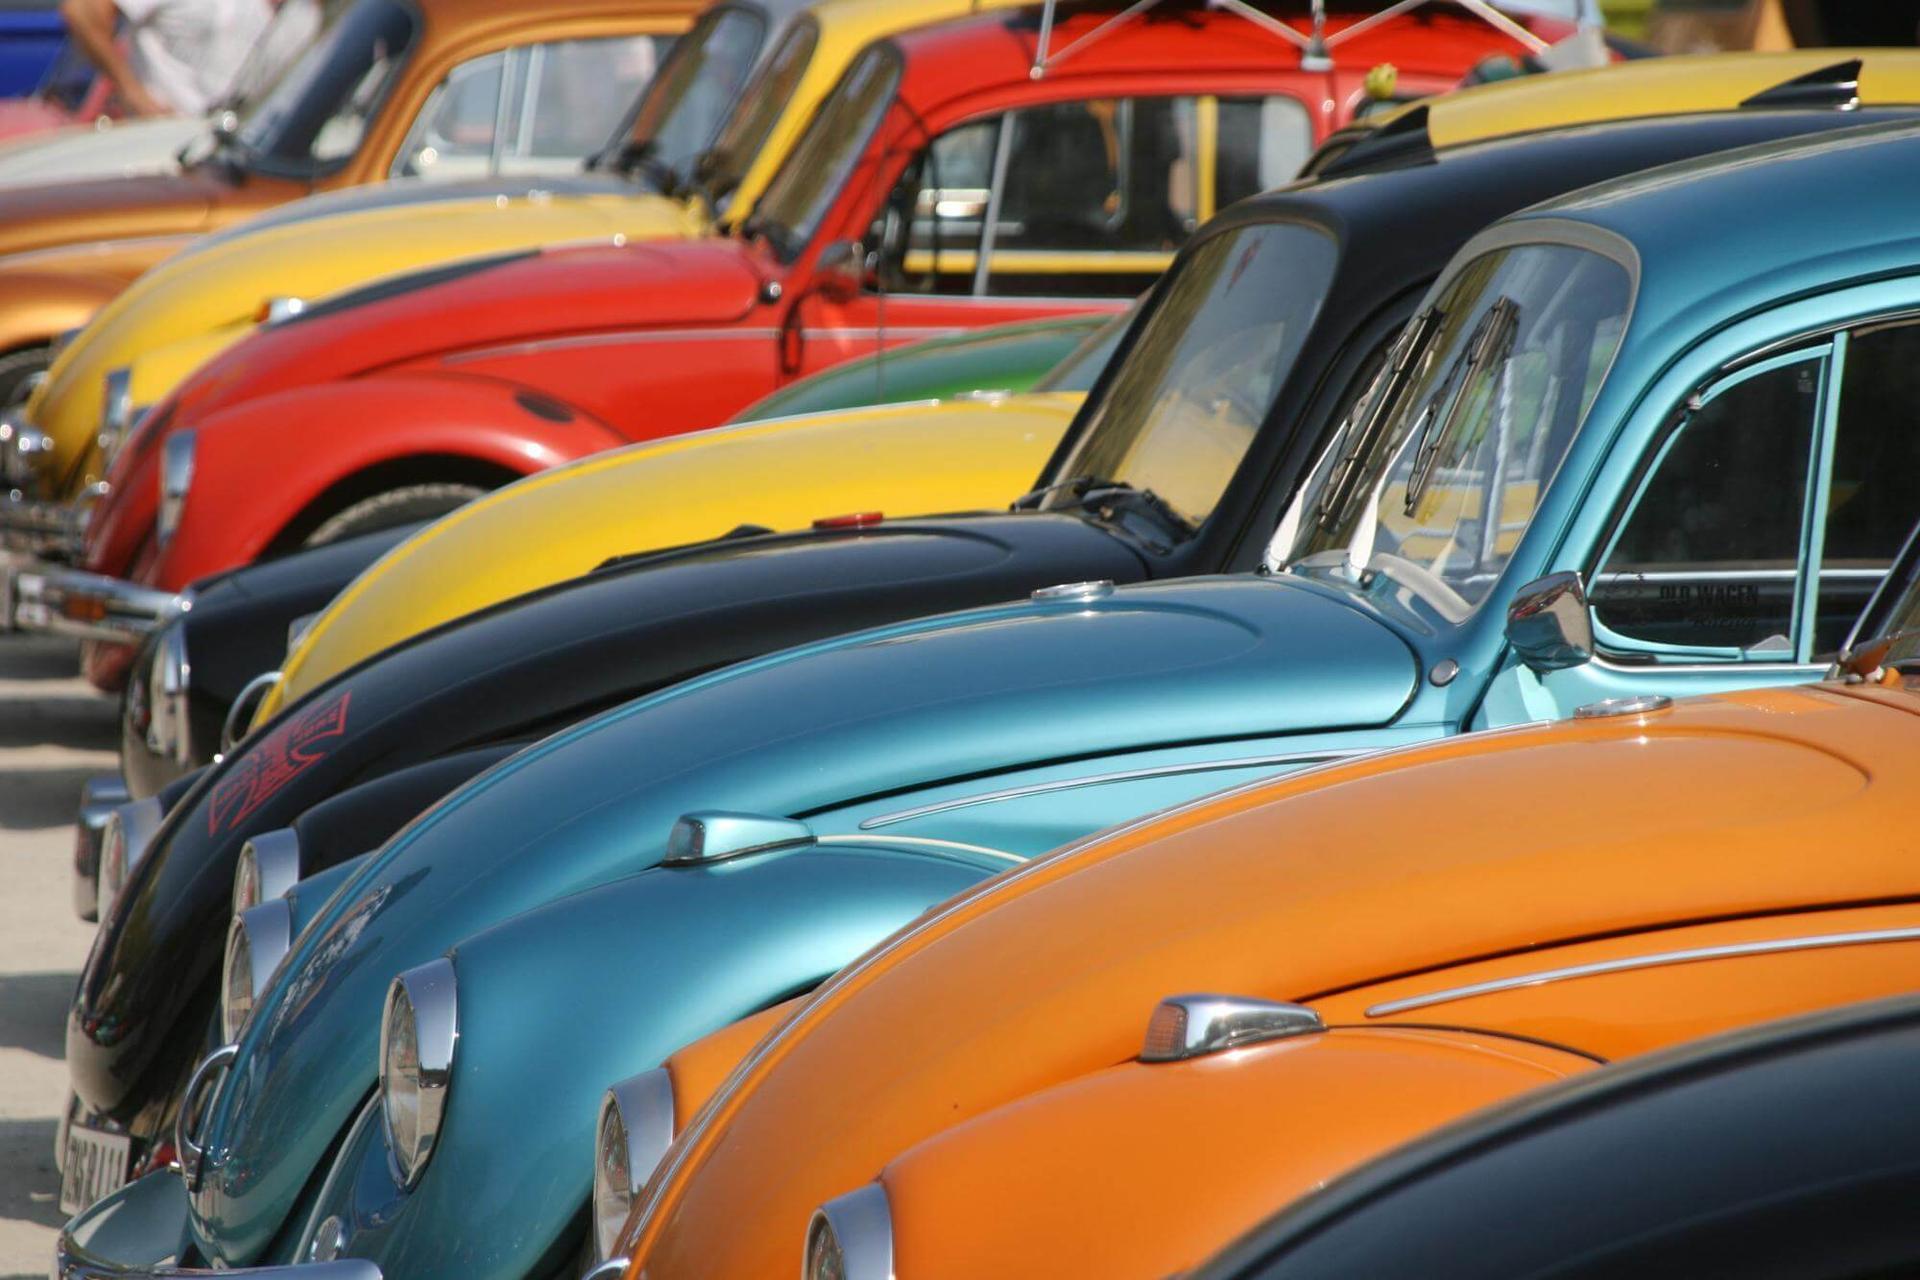 SB-Euro-Automobile - Viel Auto für wenig Geld